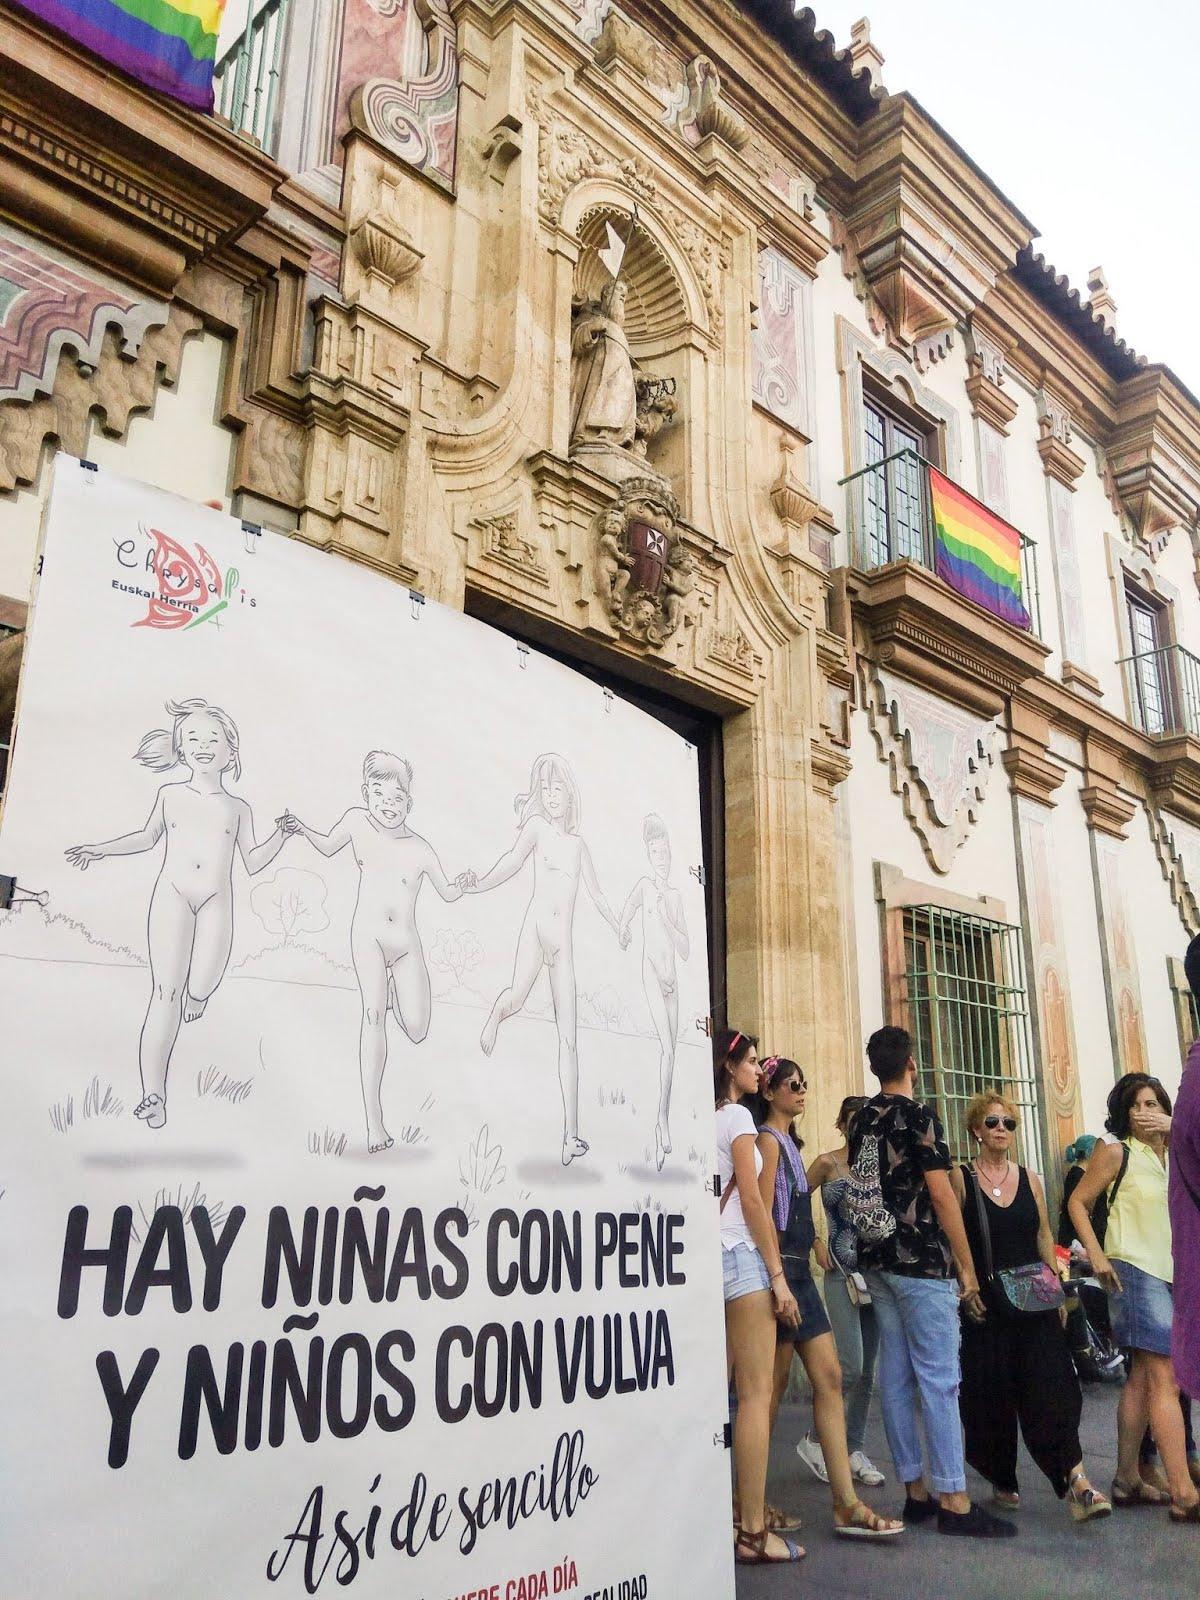 HAY NIÑAS CON PENE Y NIÑOS CON VULVA